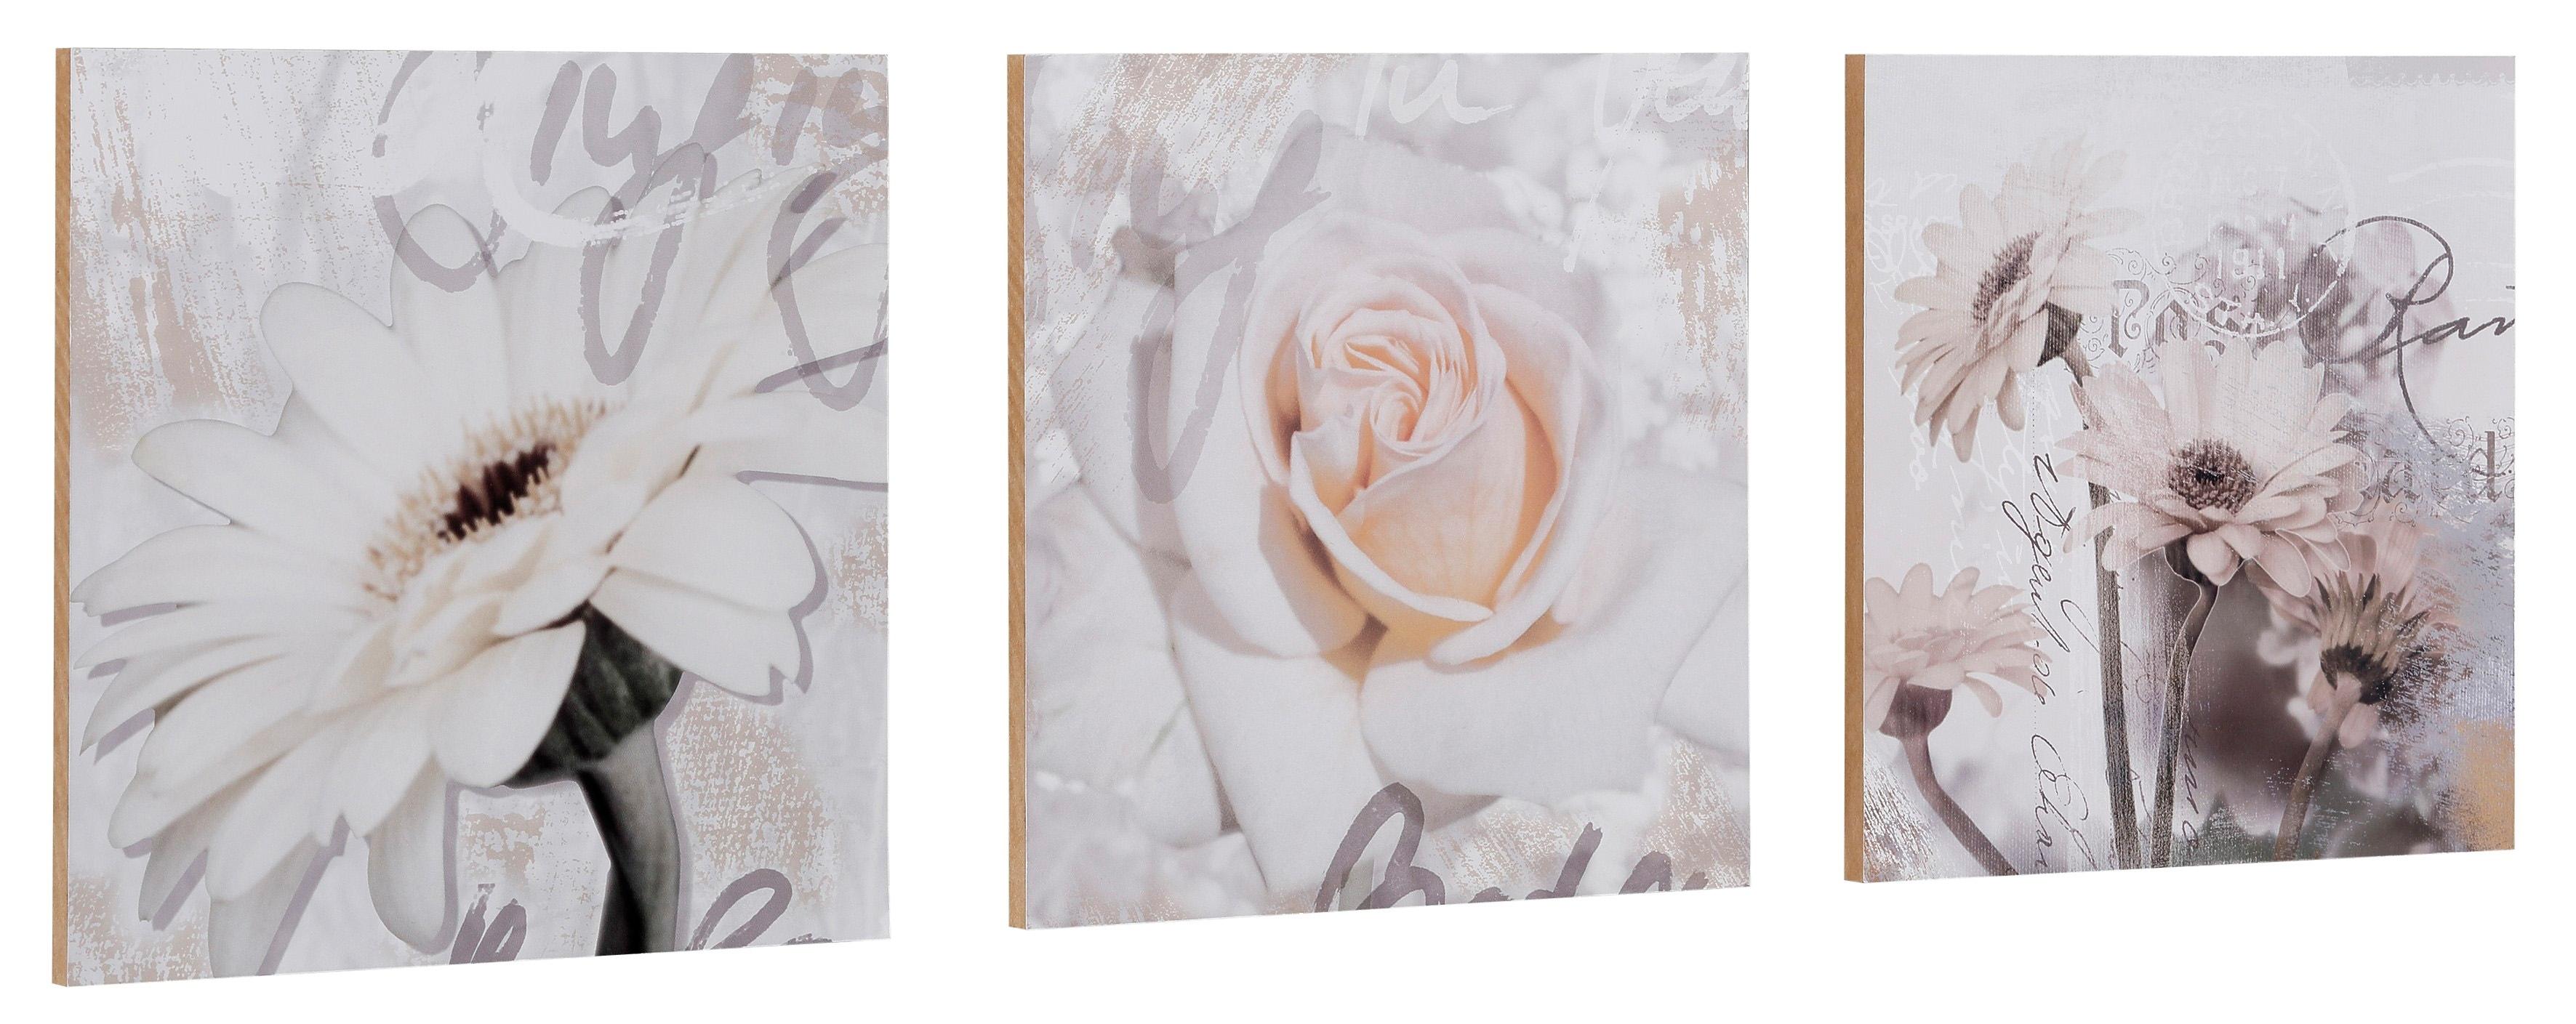 Home affaire artprint S., D.: Gerbera's detail 3-delig, ieder 29/29 cm - gratis ruilen op otto.nl